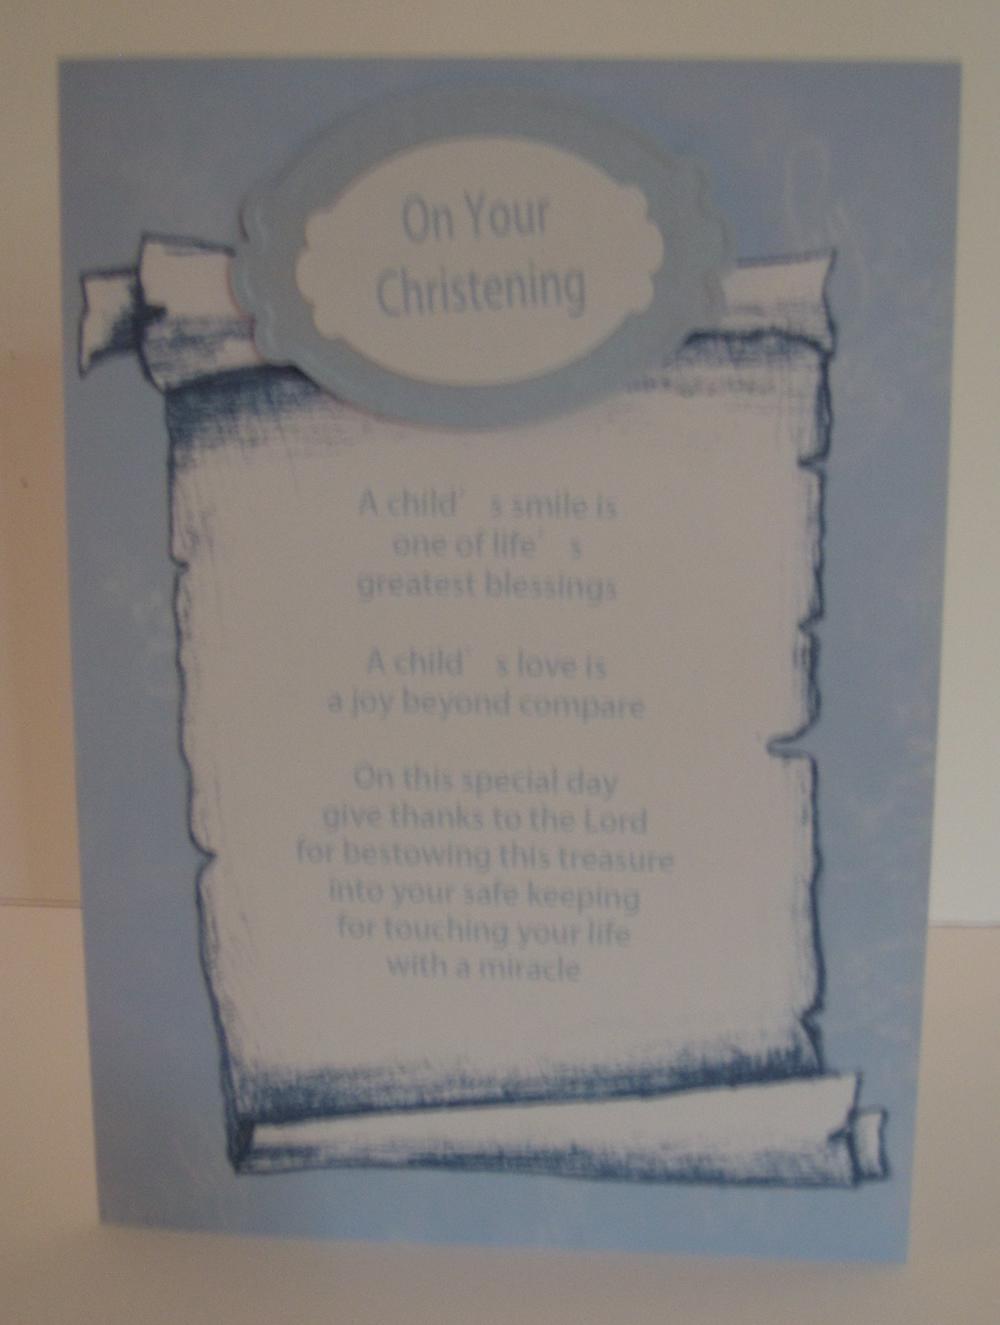 Christening Poetry Verses